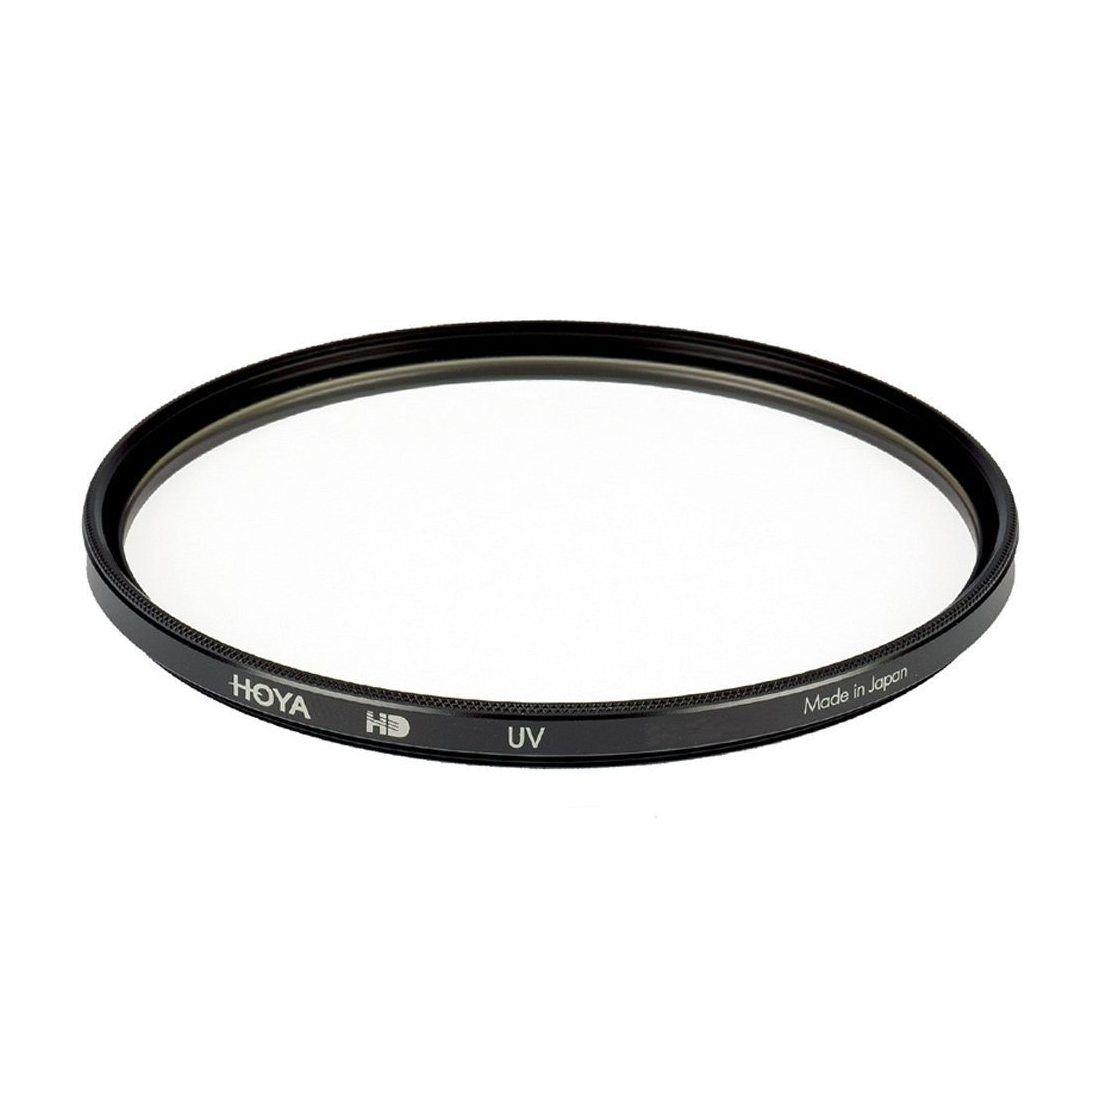 Hoya Série HD UVHD72 Filtre UV Ø 72.0 mm